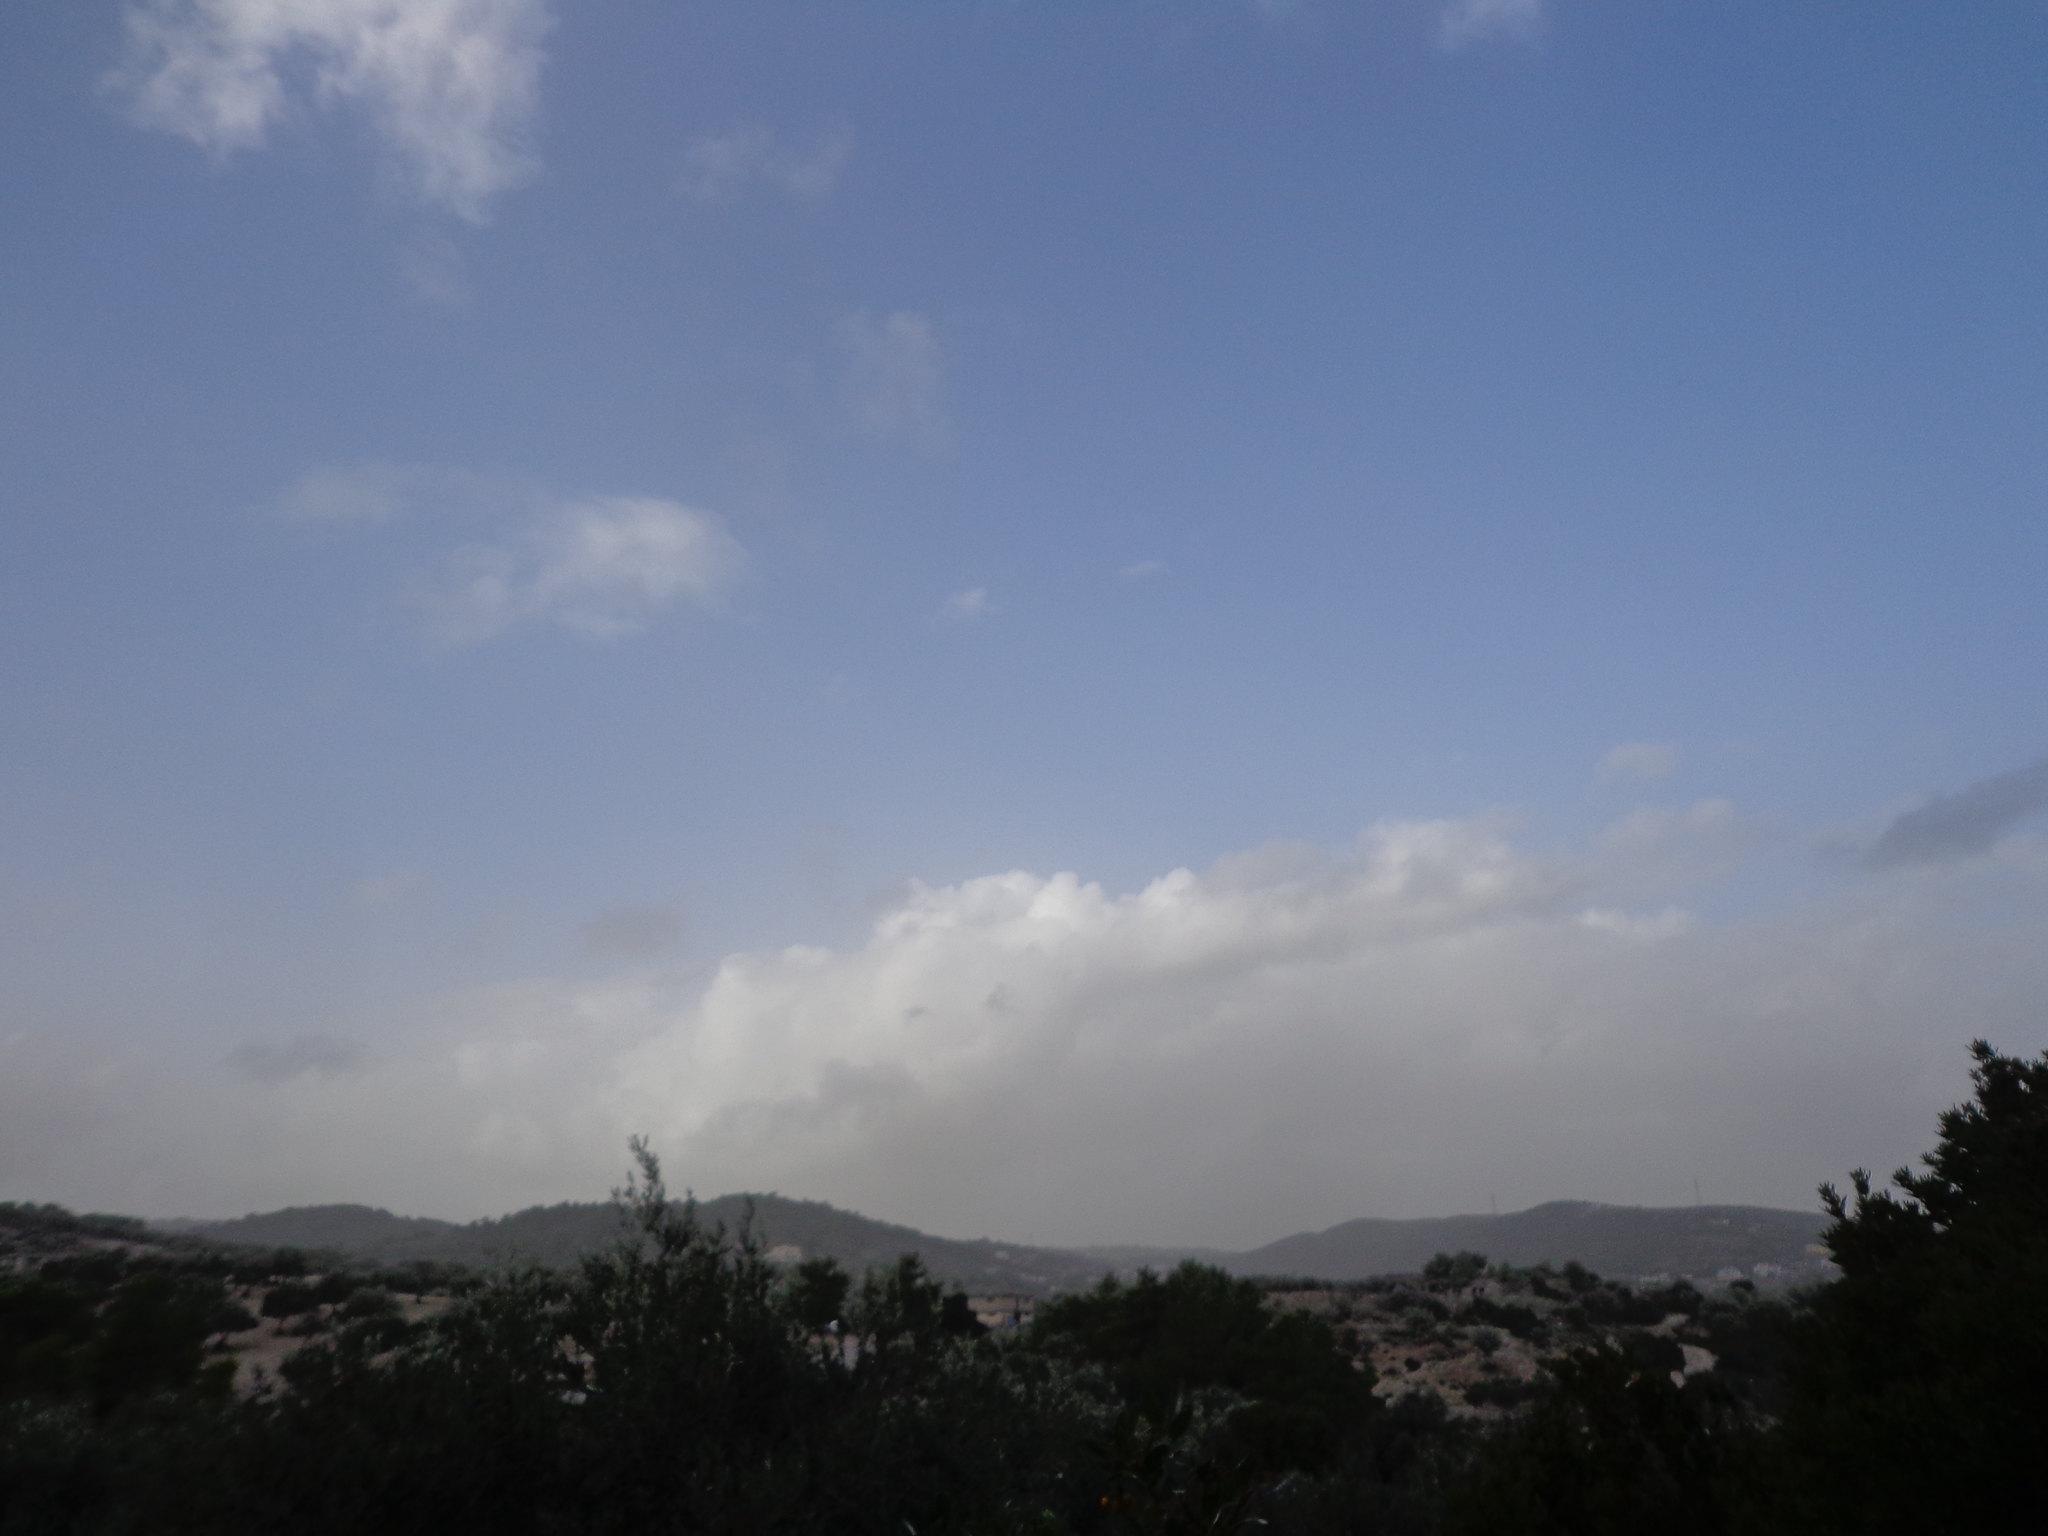 Άποψη του χωριού μετά την κακοκαιρία - Κακοκαιρία, Ισχυροί άνεμοι, Ψίνθος